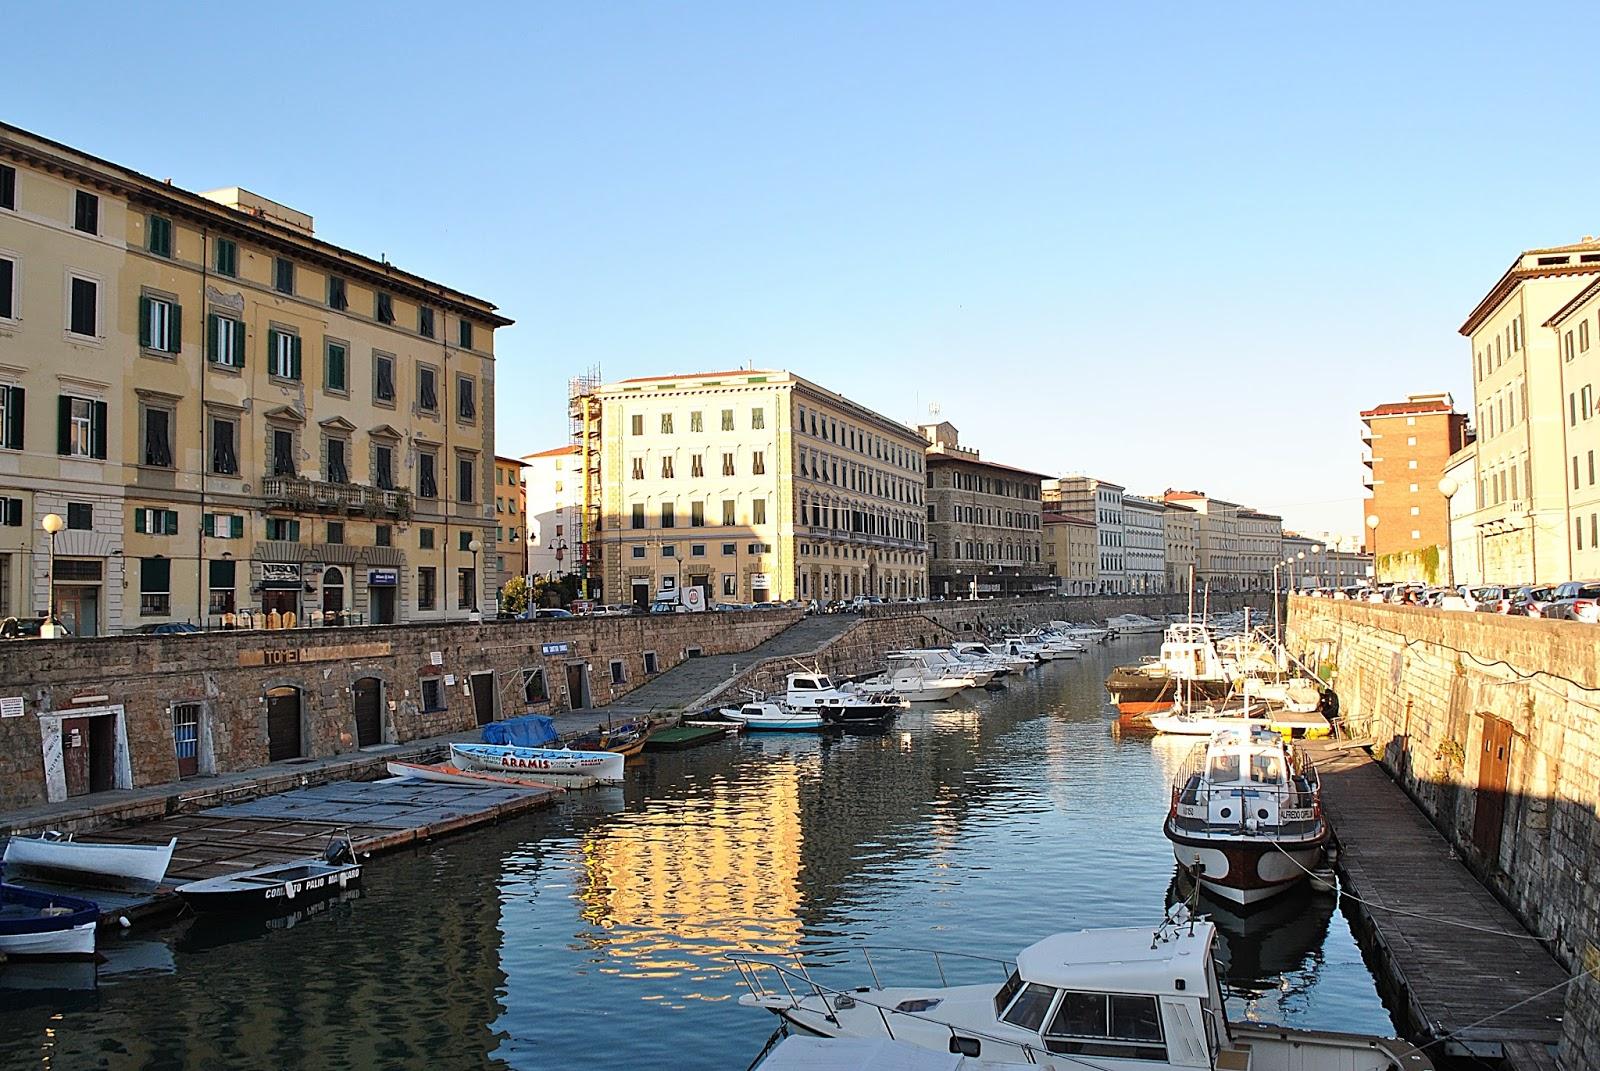 POMYSŁ NA WEEKEND - WYPAD DO WŁOCH - Livorno